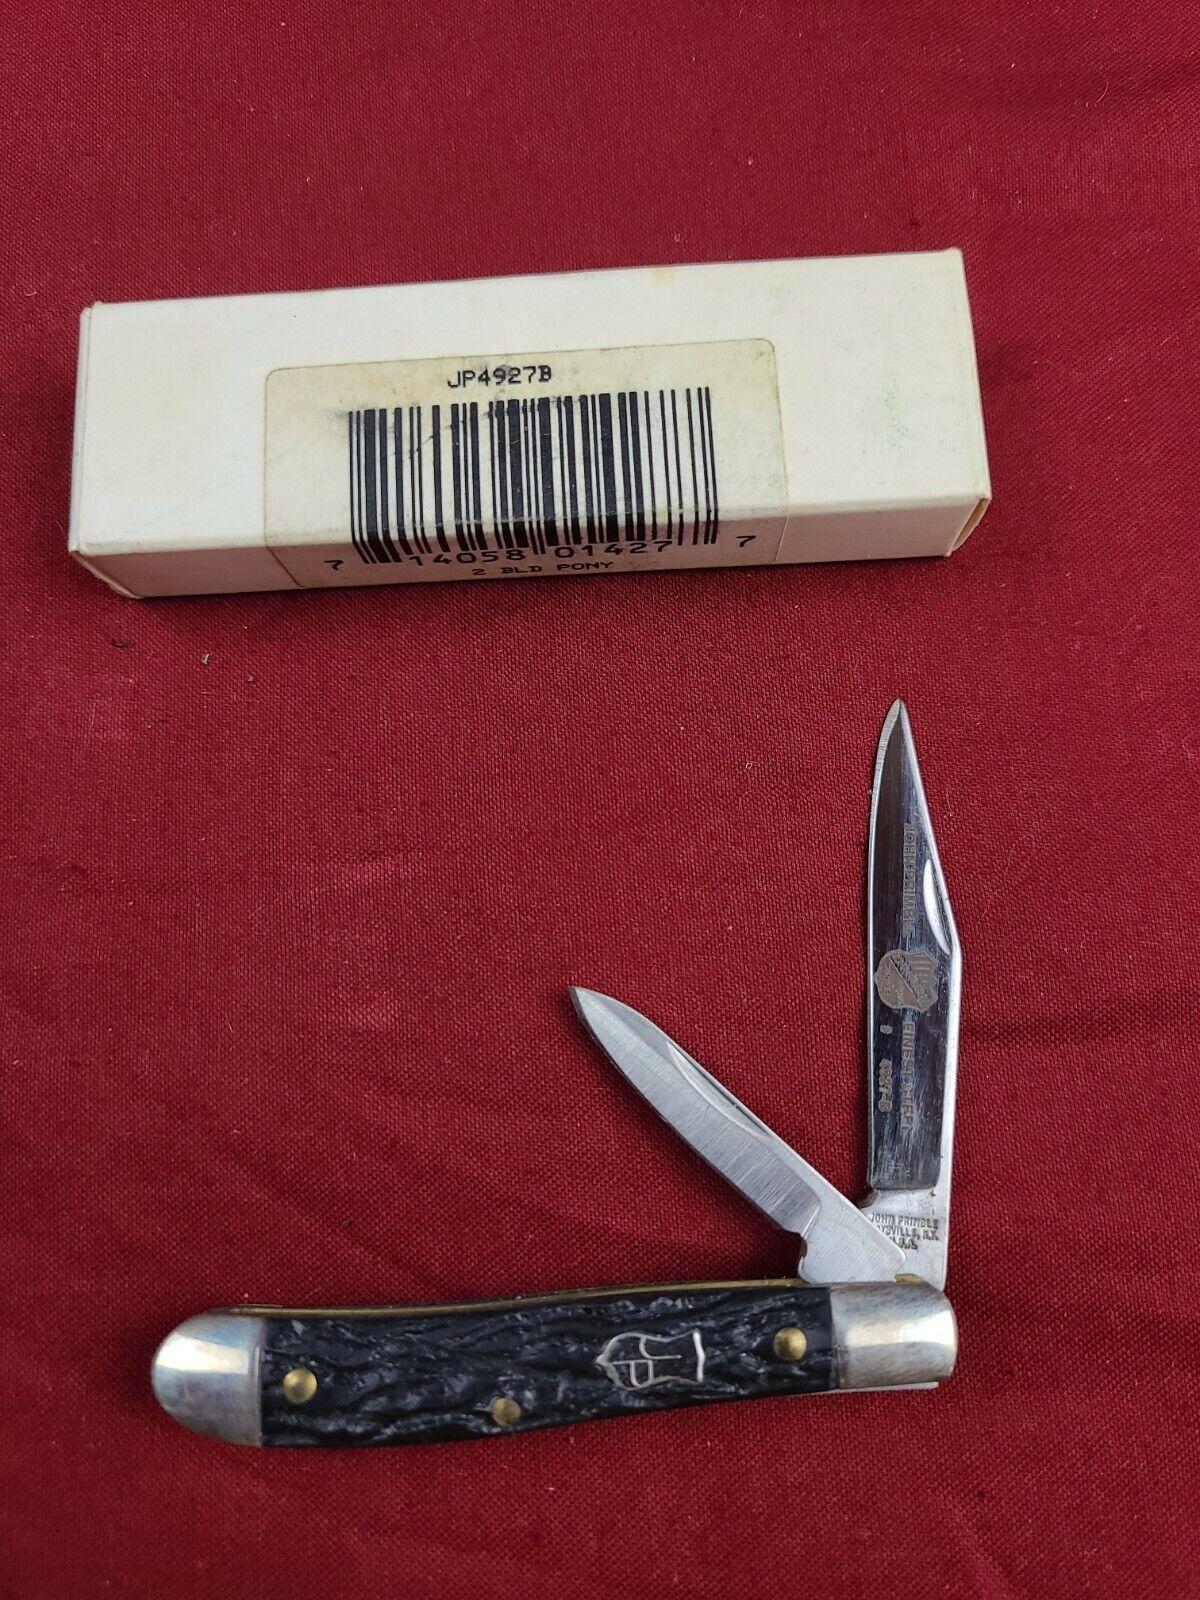 John Primble Pocket Knife Black 4927B 2 BLADE PONY